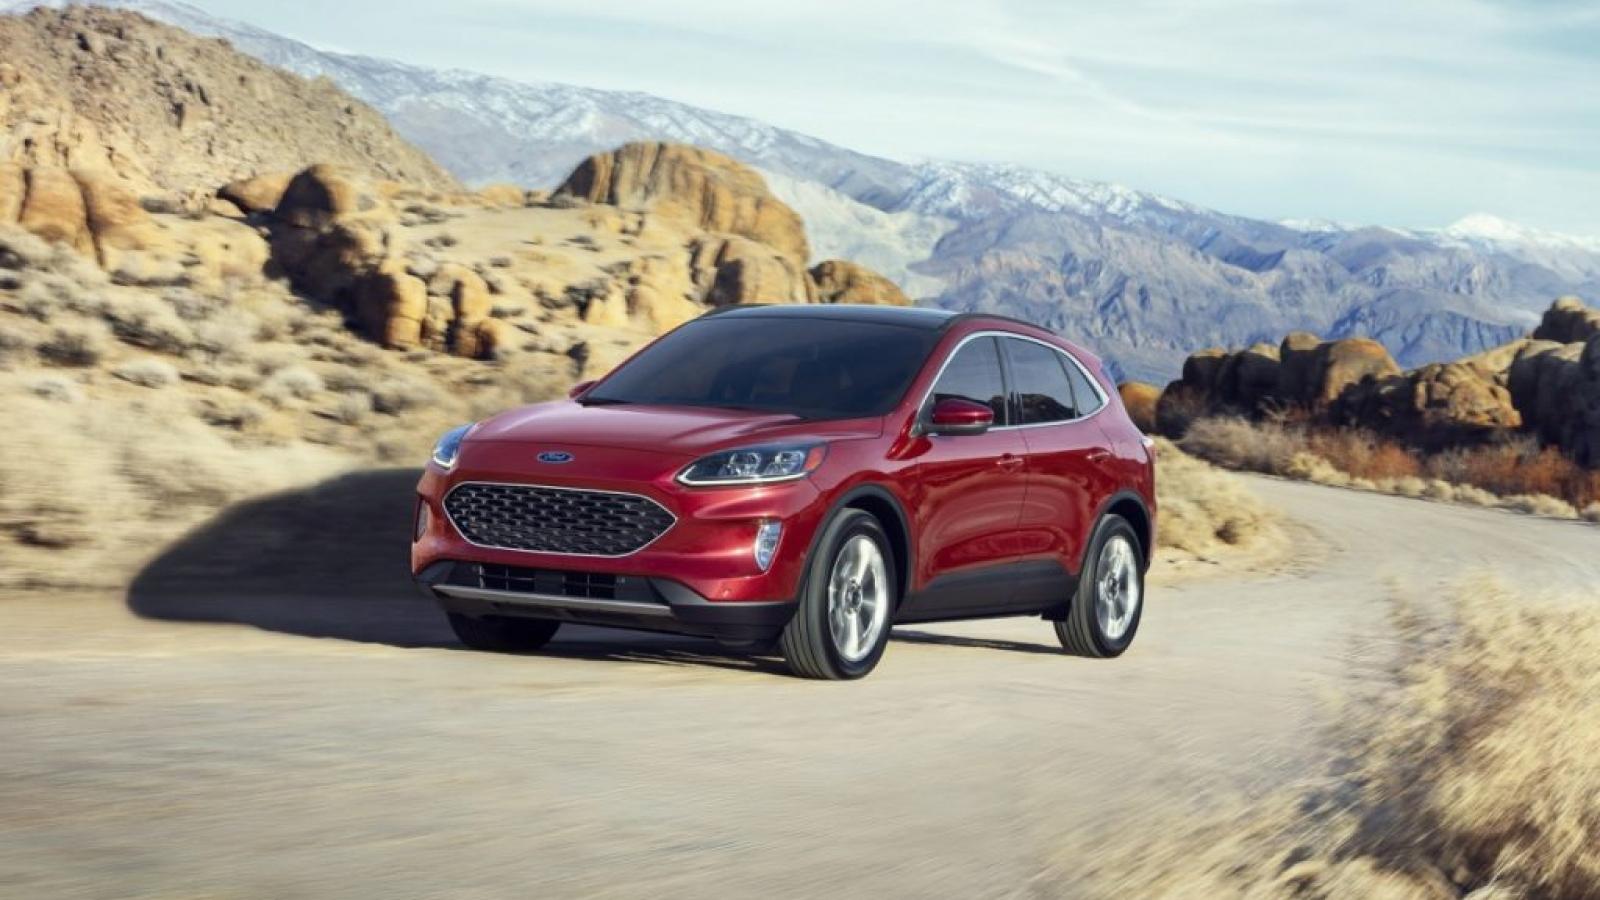 Top 10 mẫu SUV tiết kiệm nhiên liệu nhất năm 2021